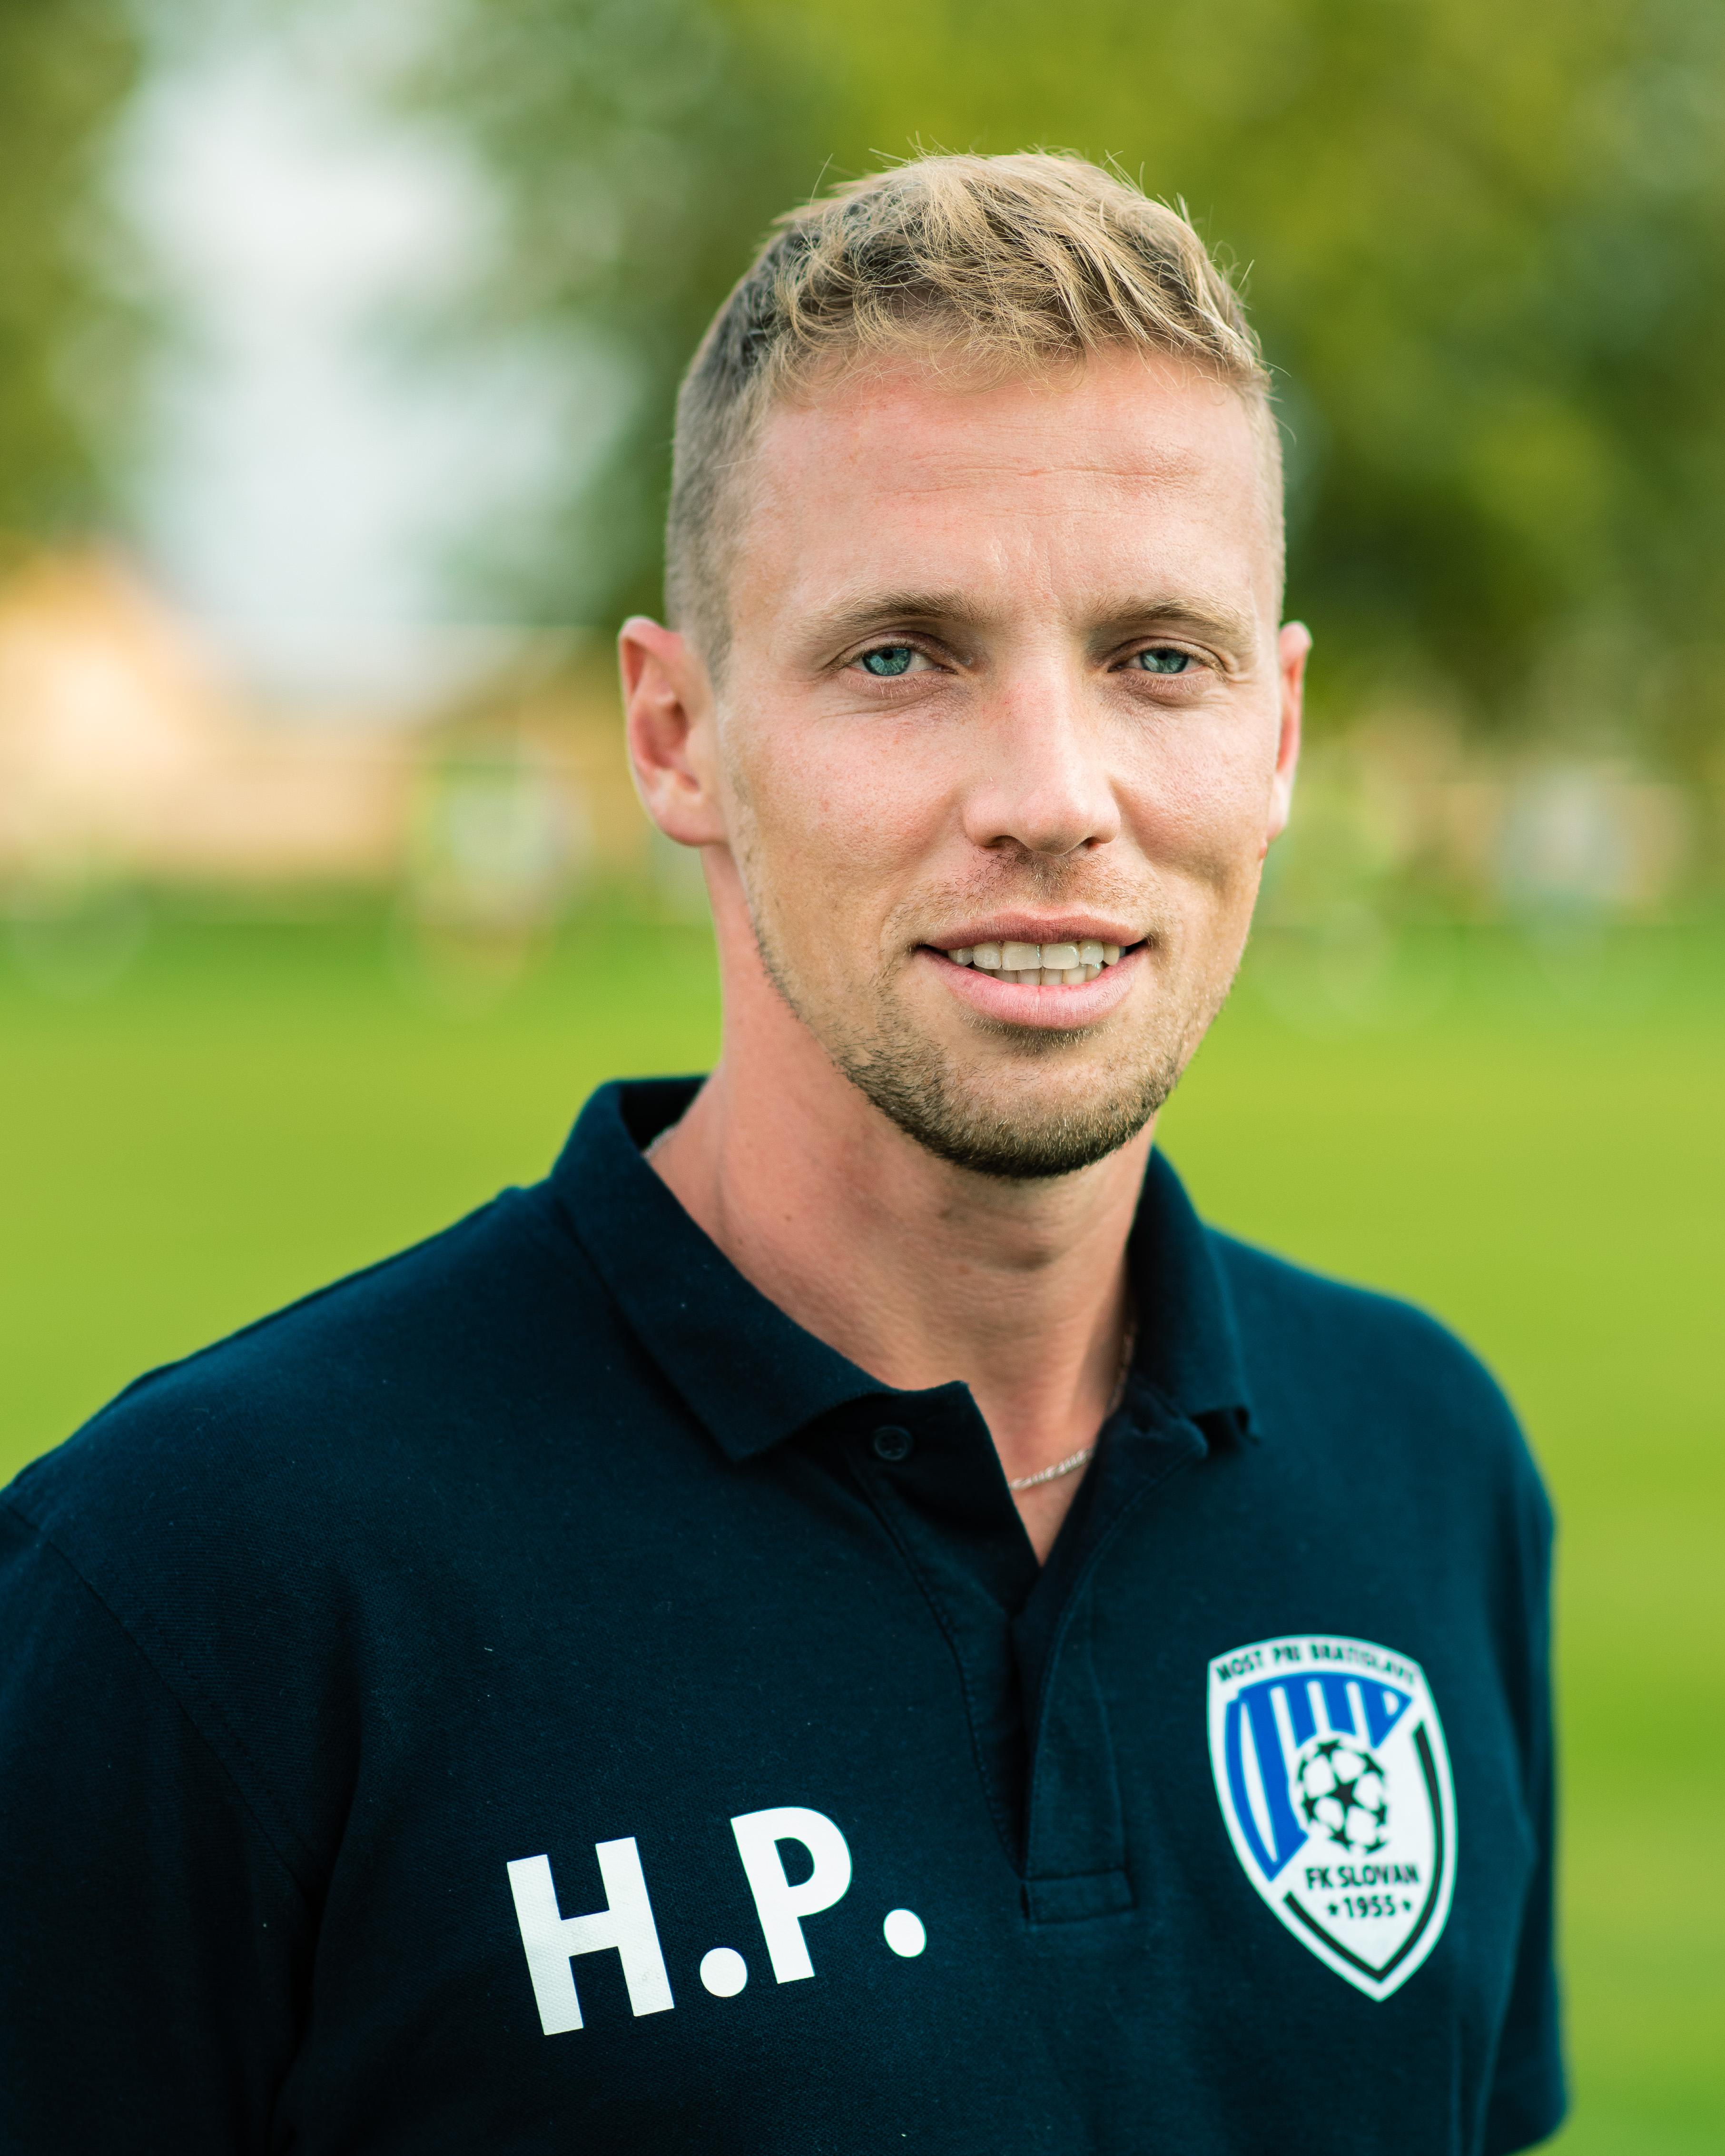 Peter Hruška